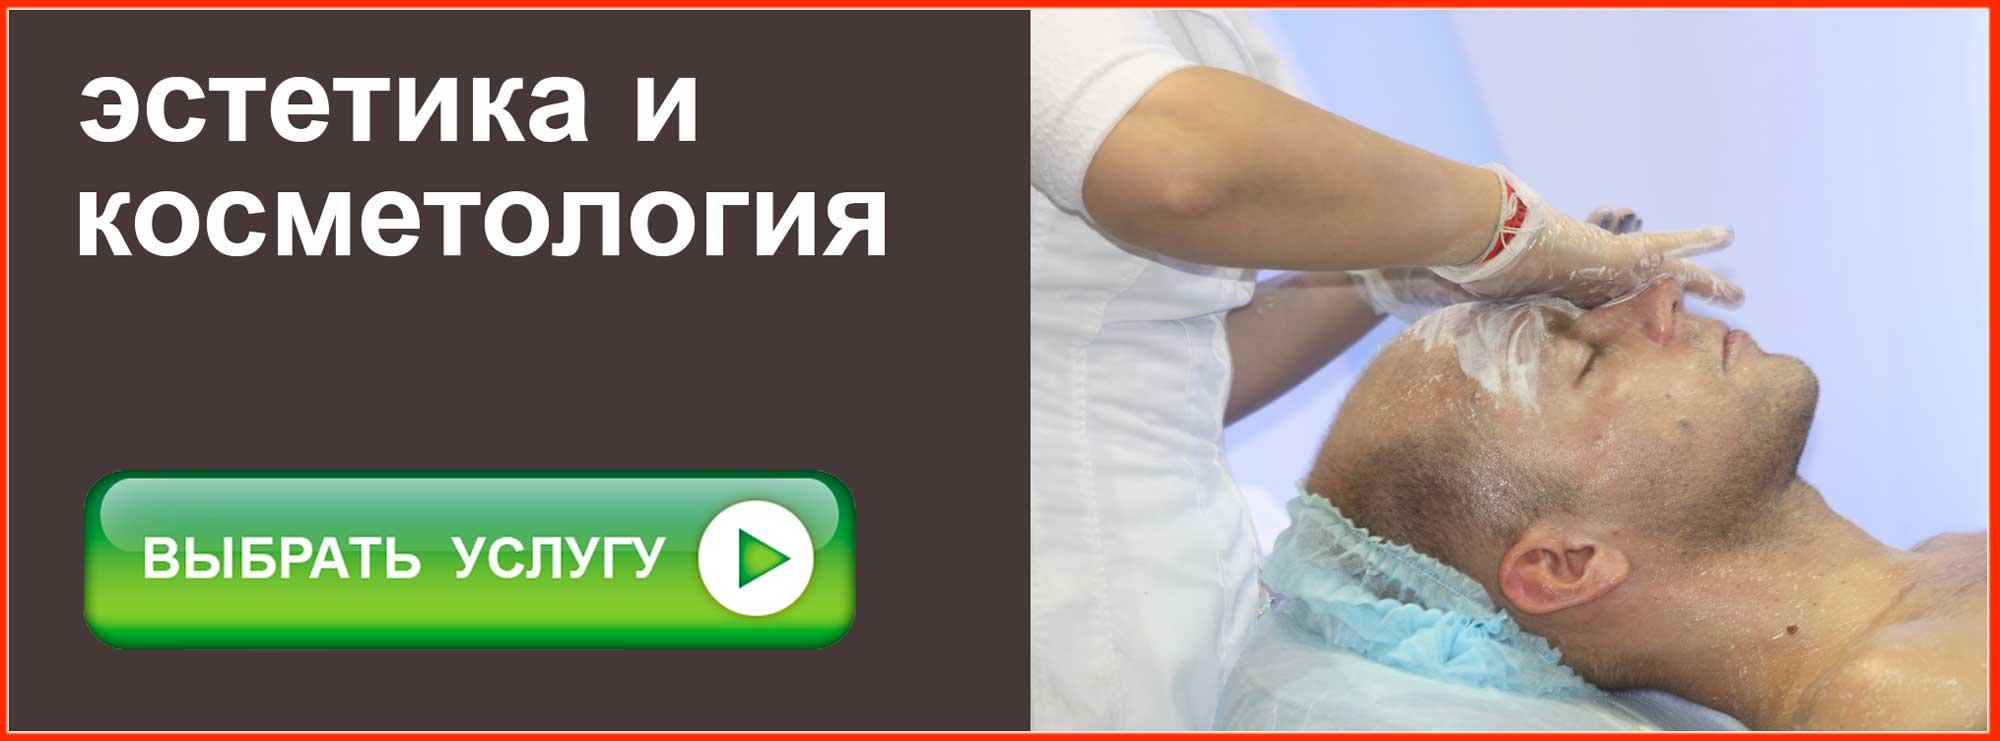 kosmetologiya-dlya-muzhchin